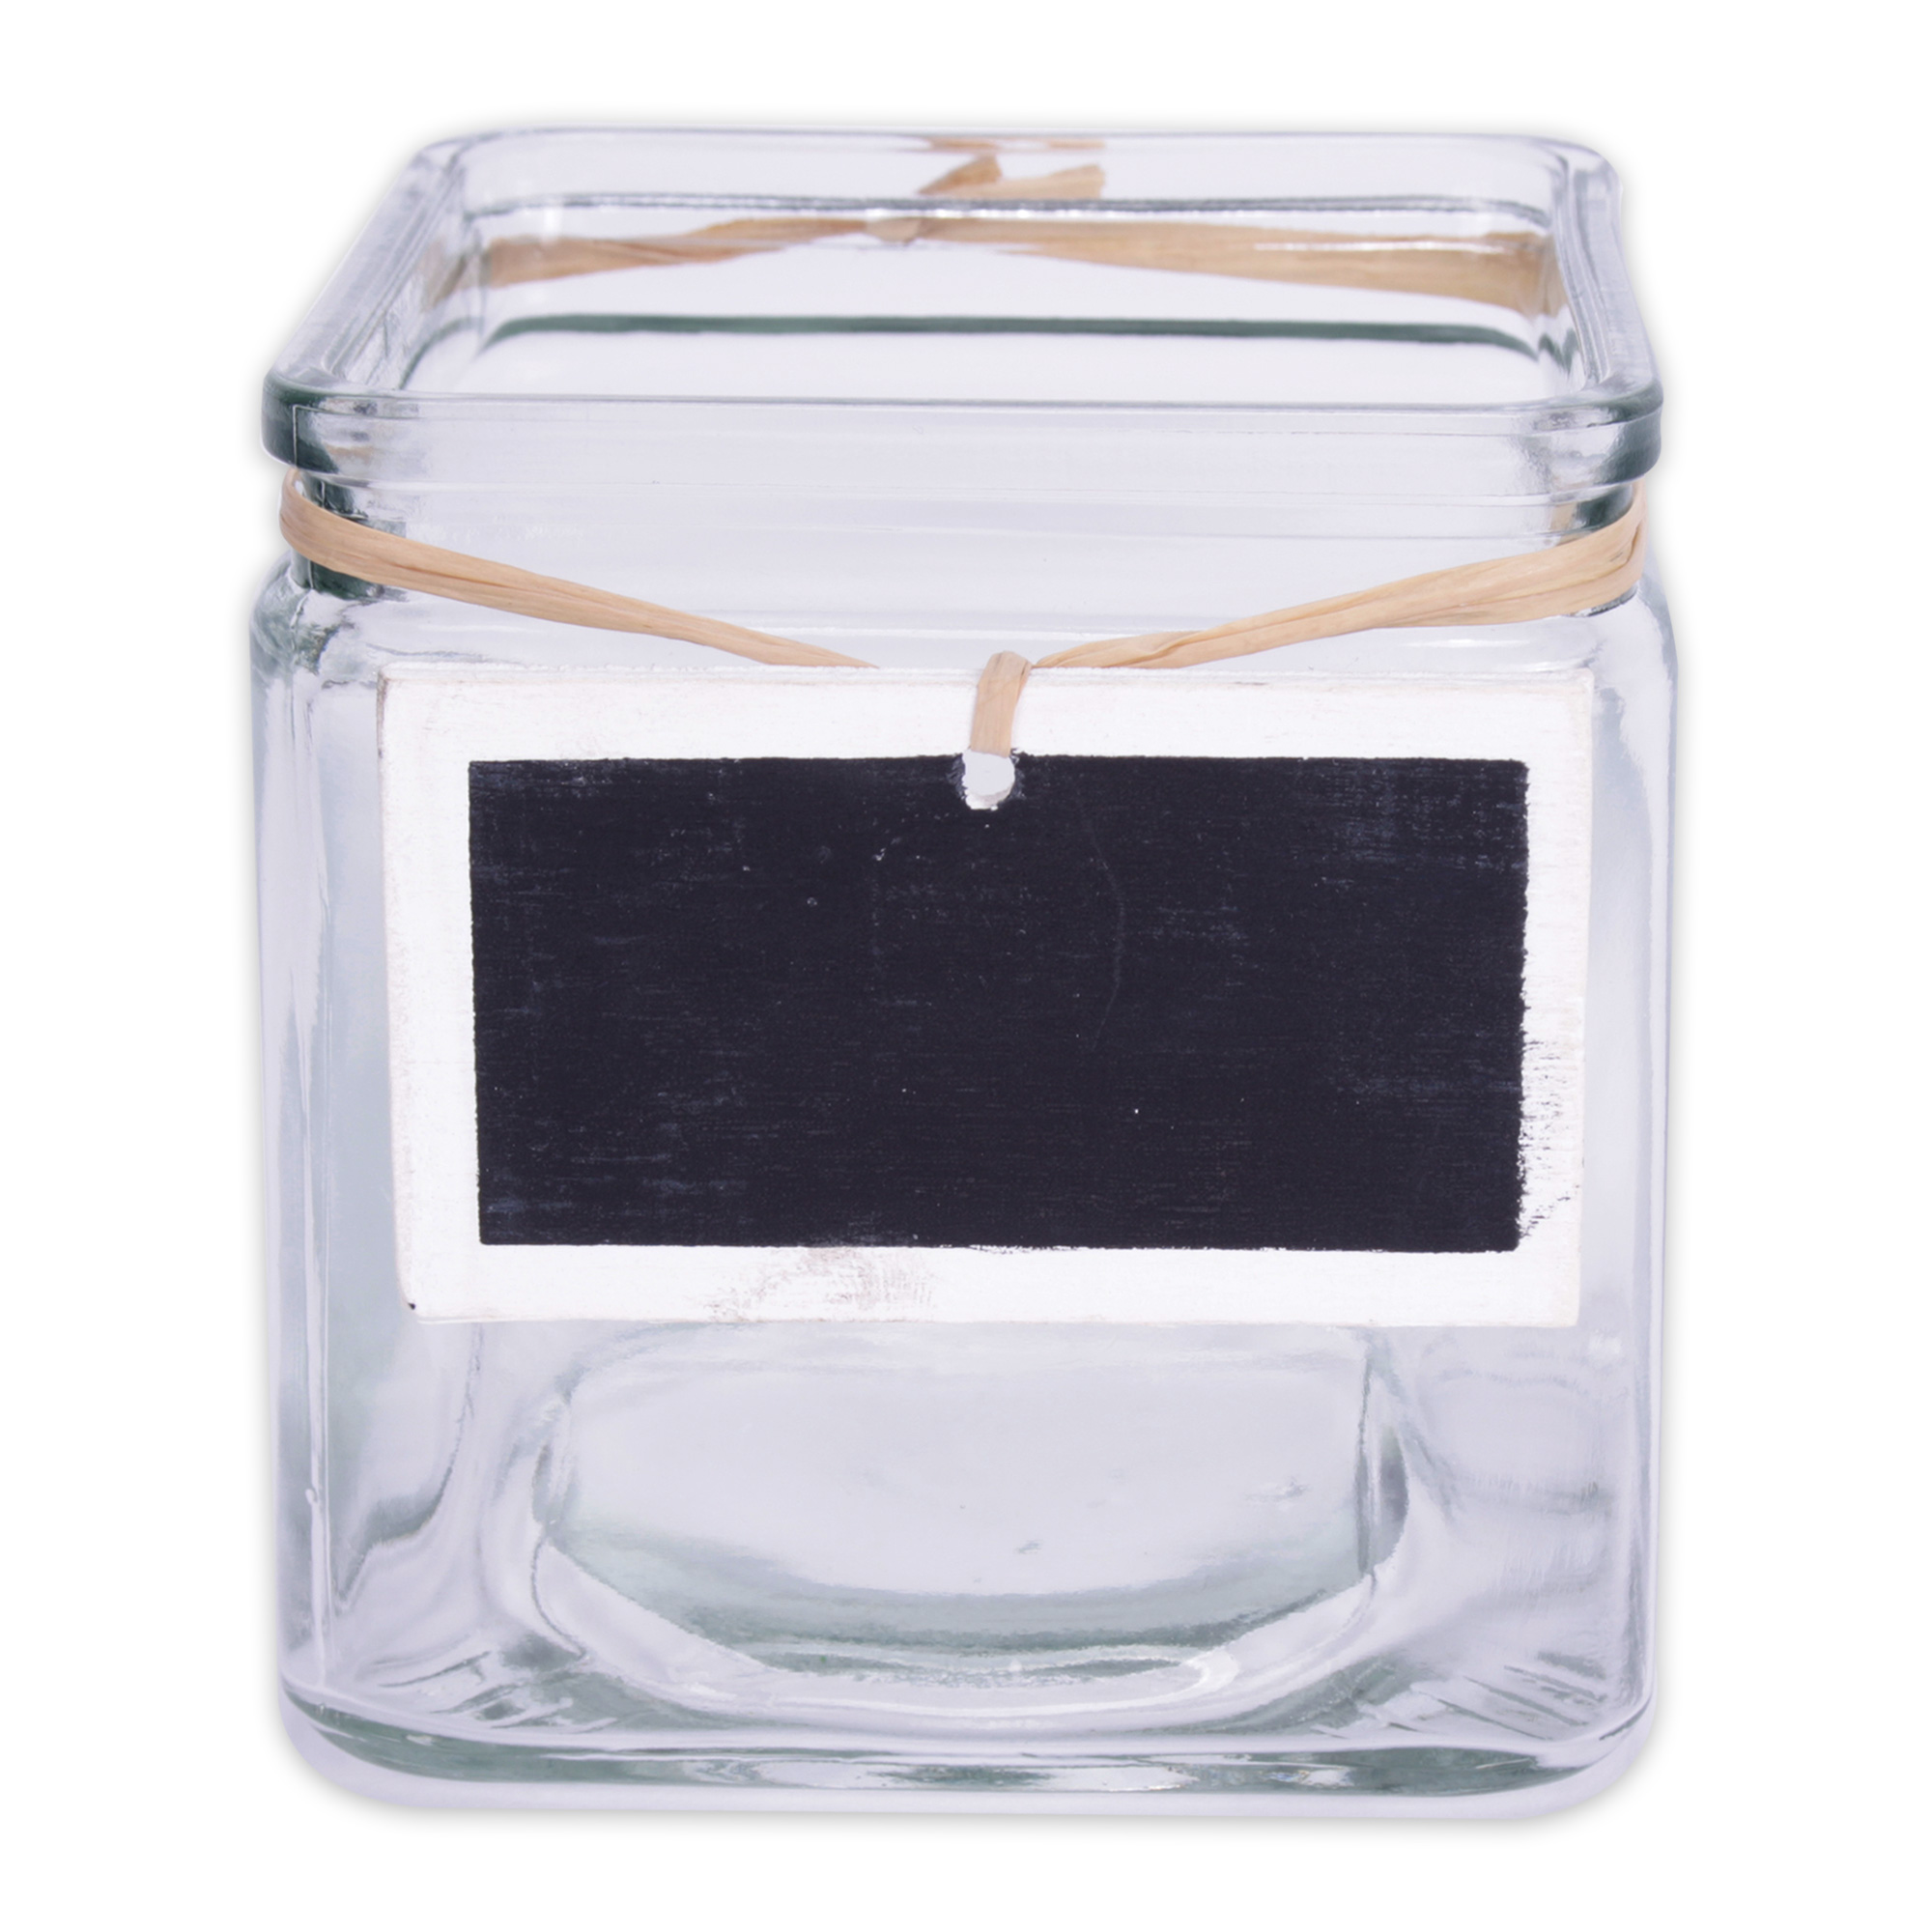 6 x pflanztopf aus glas 10 x 10 x 10 cm mit holztafel zum beschriften mit kreide. Black Bedroom Furniture Sets. Home Design Ideas